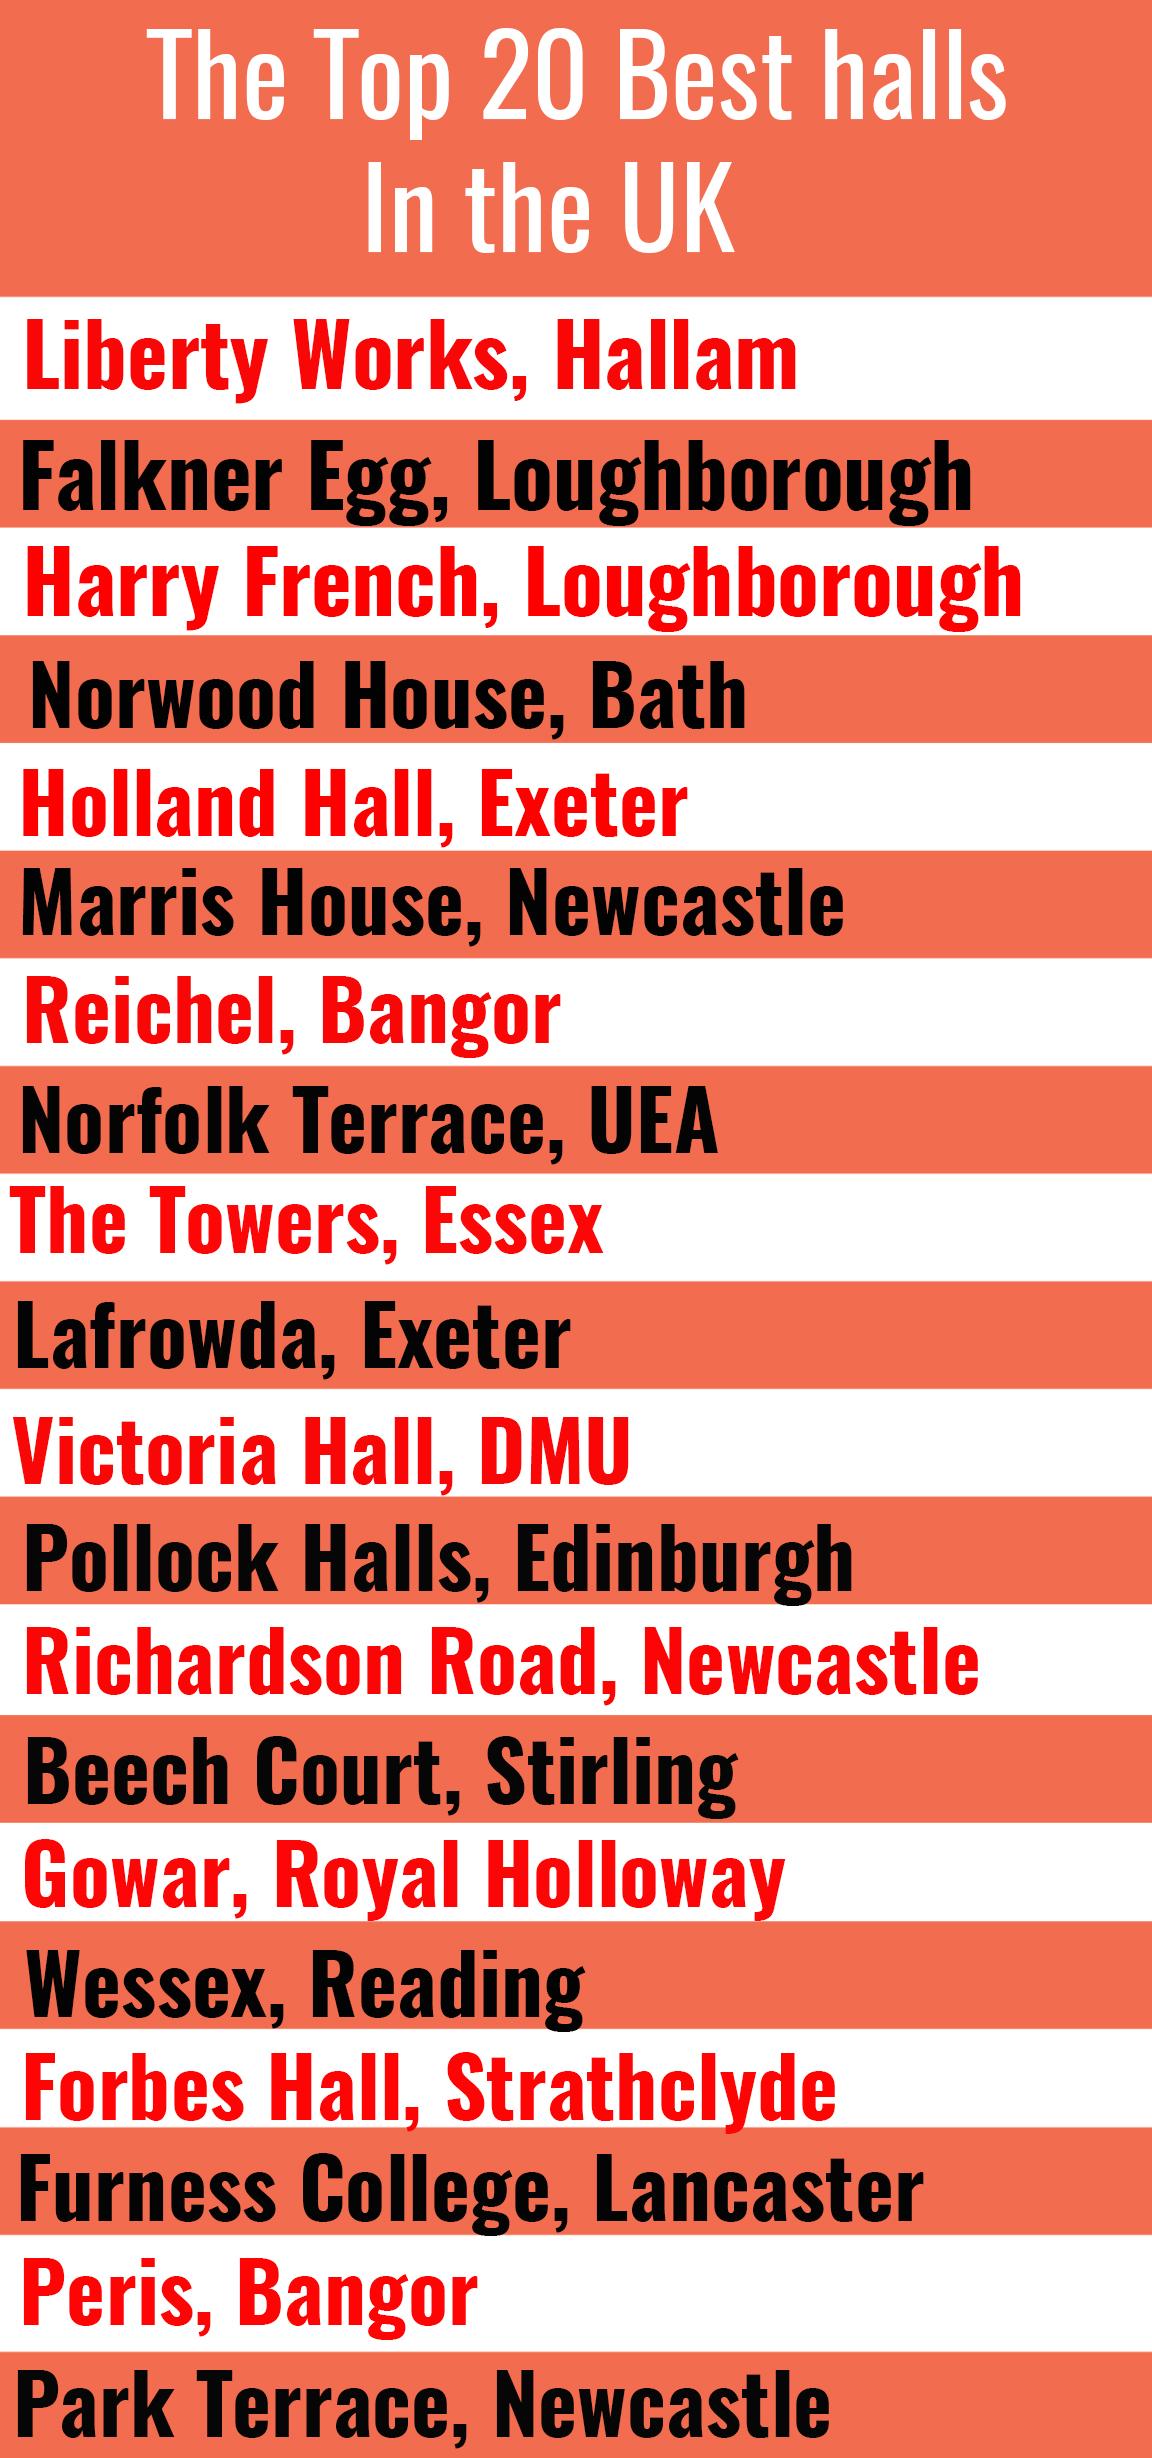 halls rankings